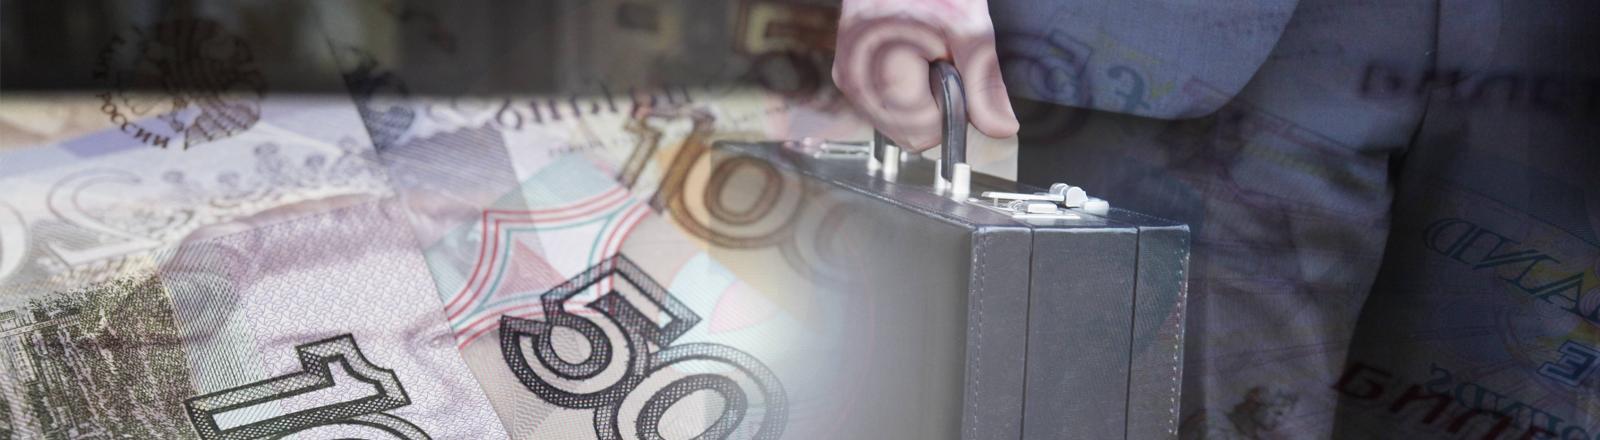 Bildmontage: Ein Mann in einem Anzug trägt einen Aktenkoffer, davor Banknoten